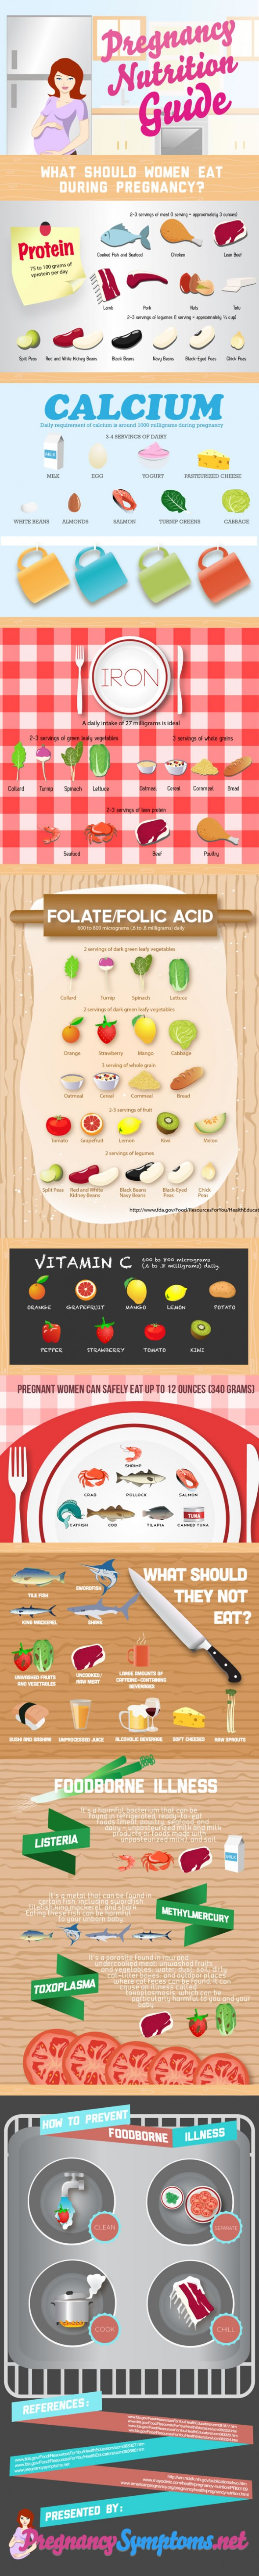 Guía de nutrición en el embarazo